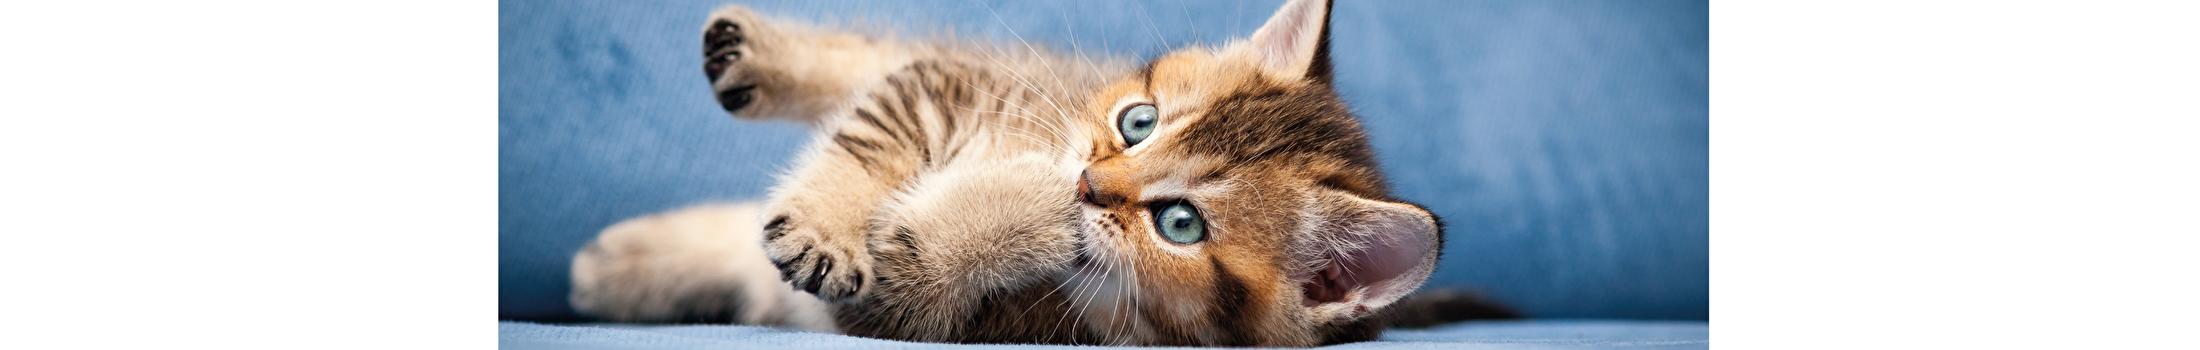 Interactief speelgoed Katten